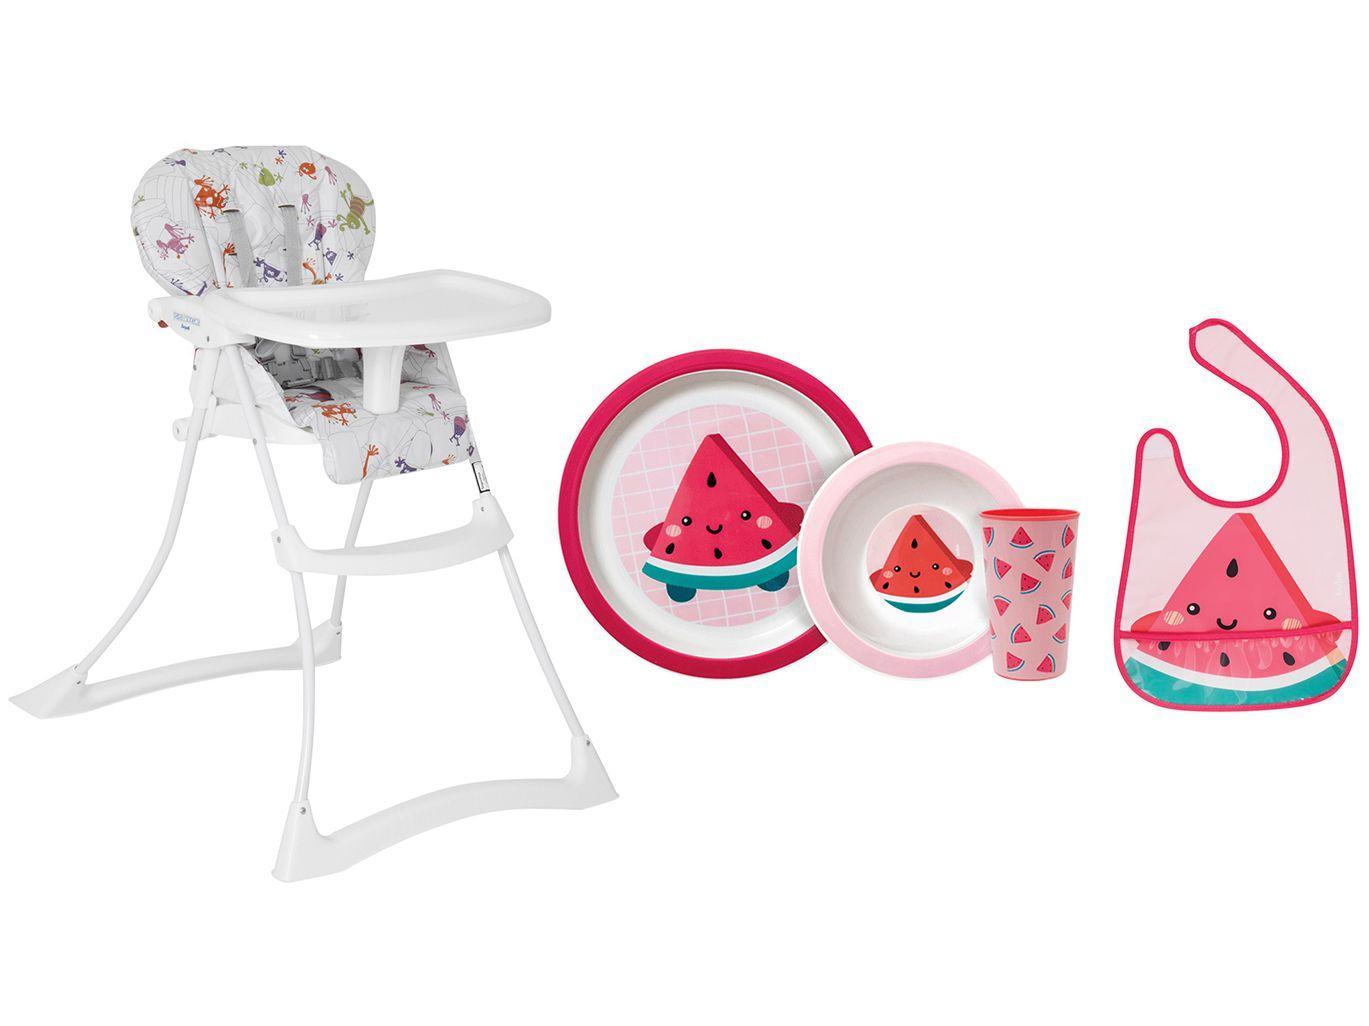 Cadeira de Alimentação Burigotto Papa & Soneca - Reclinável + Kit Alimentação 3 Peças + Babador